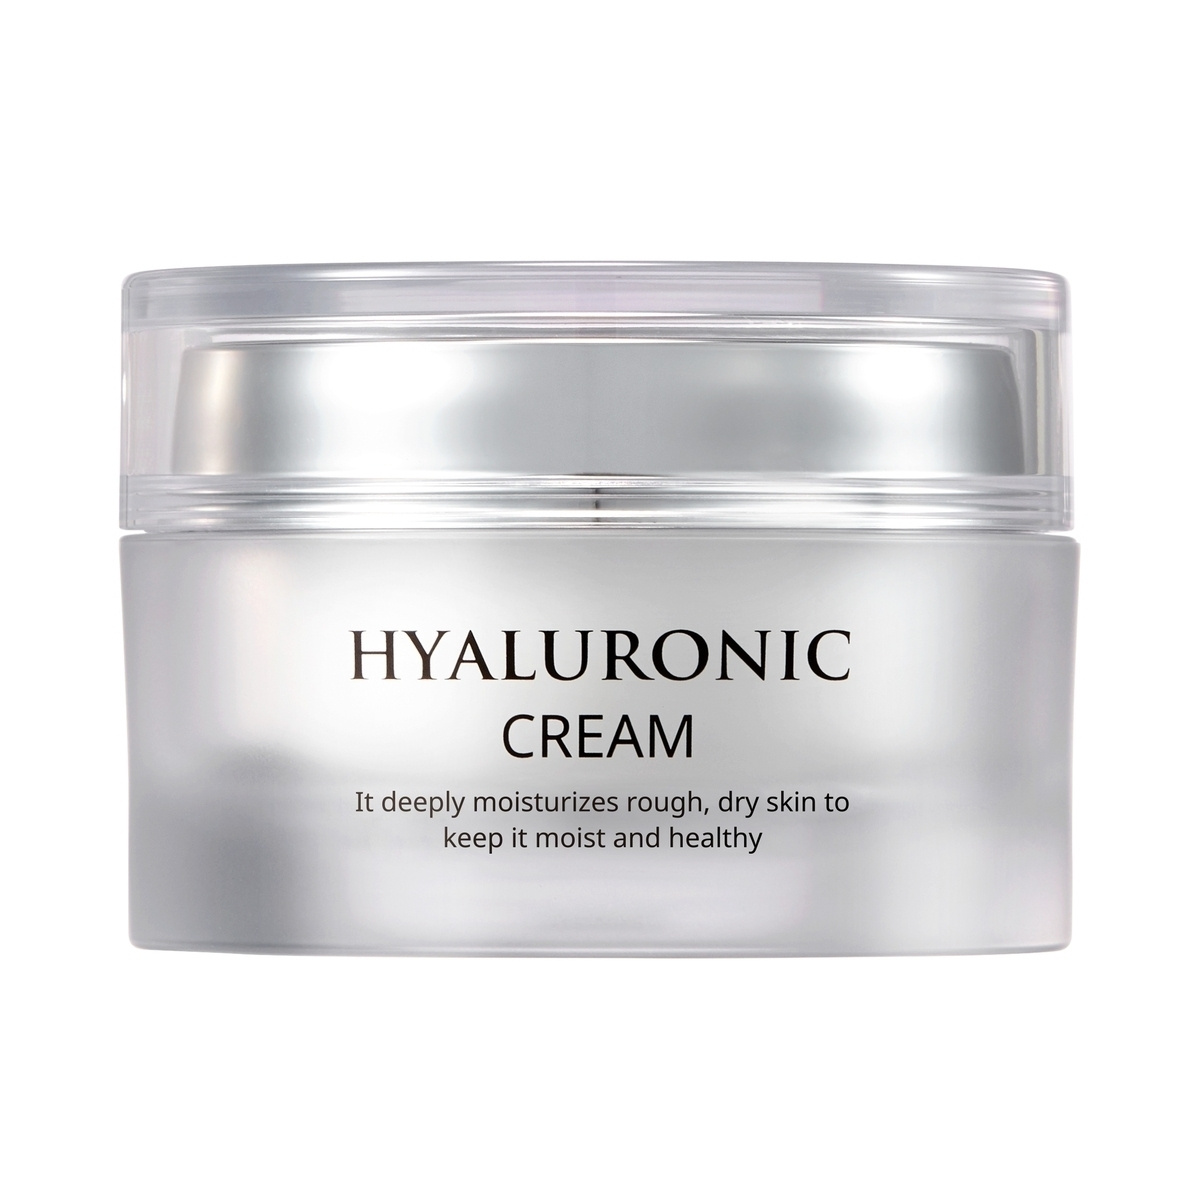 AHC Hyaluronic крем для лица гиалуроновый 50 мл #1